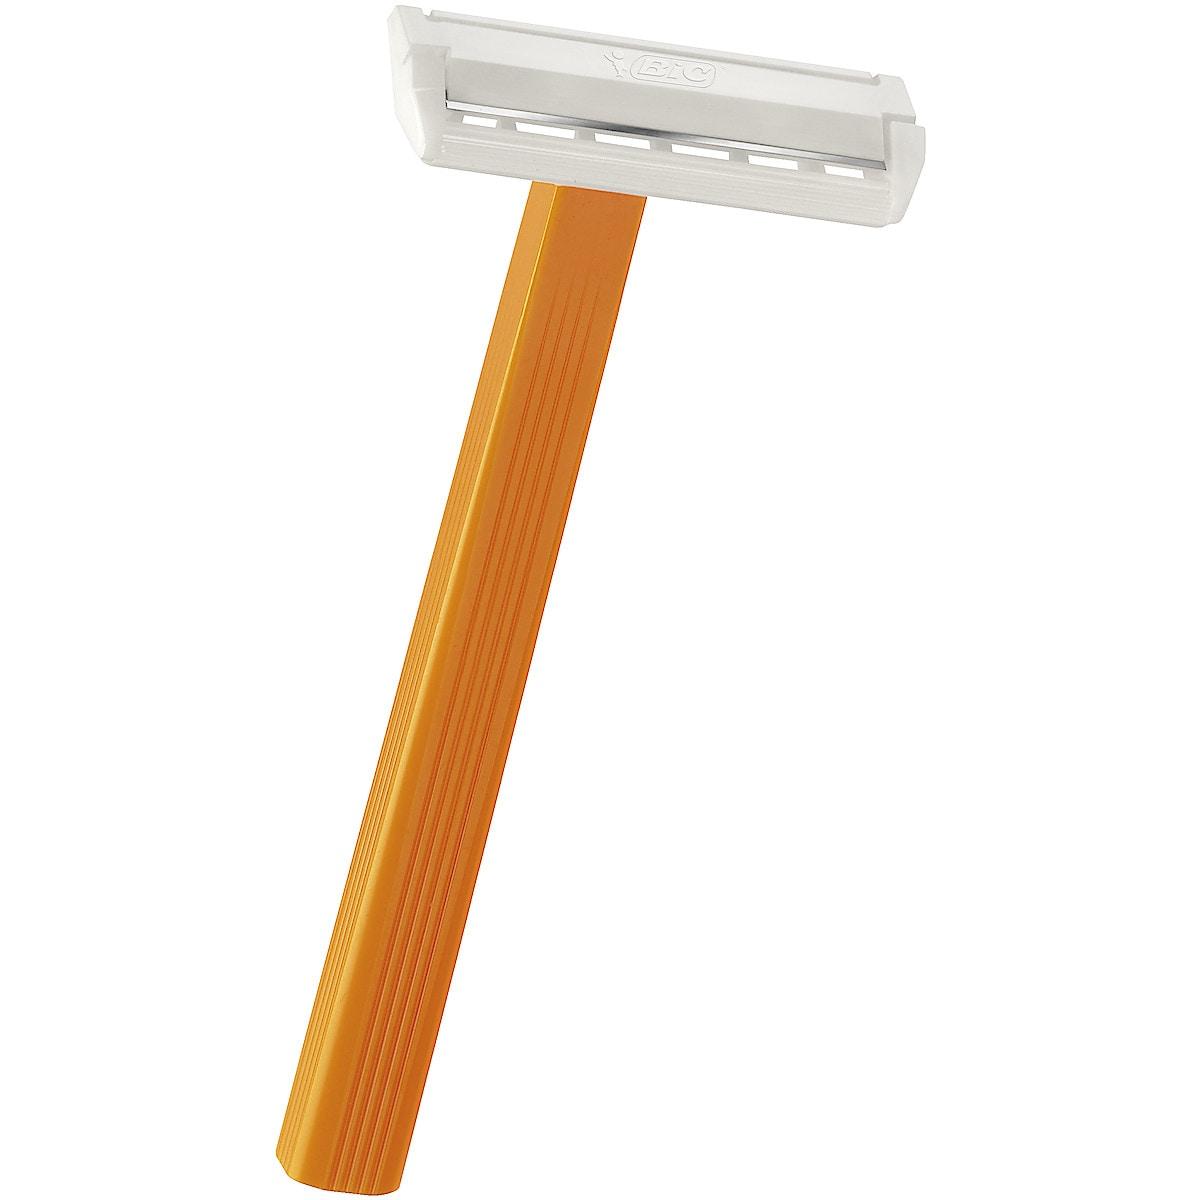 Bic 1 Sensitive barberhøvel, 15 stk/pk